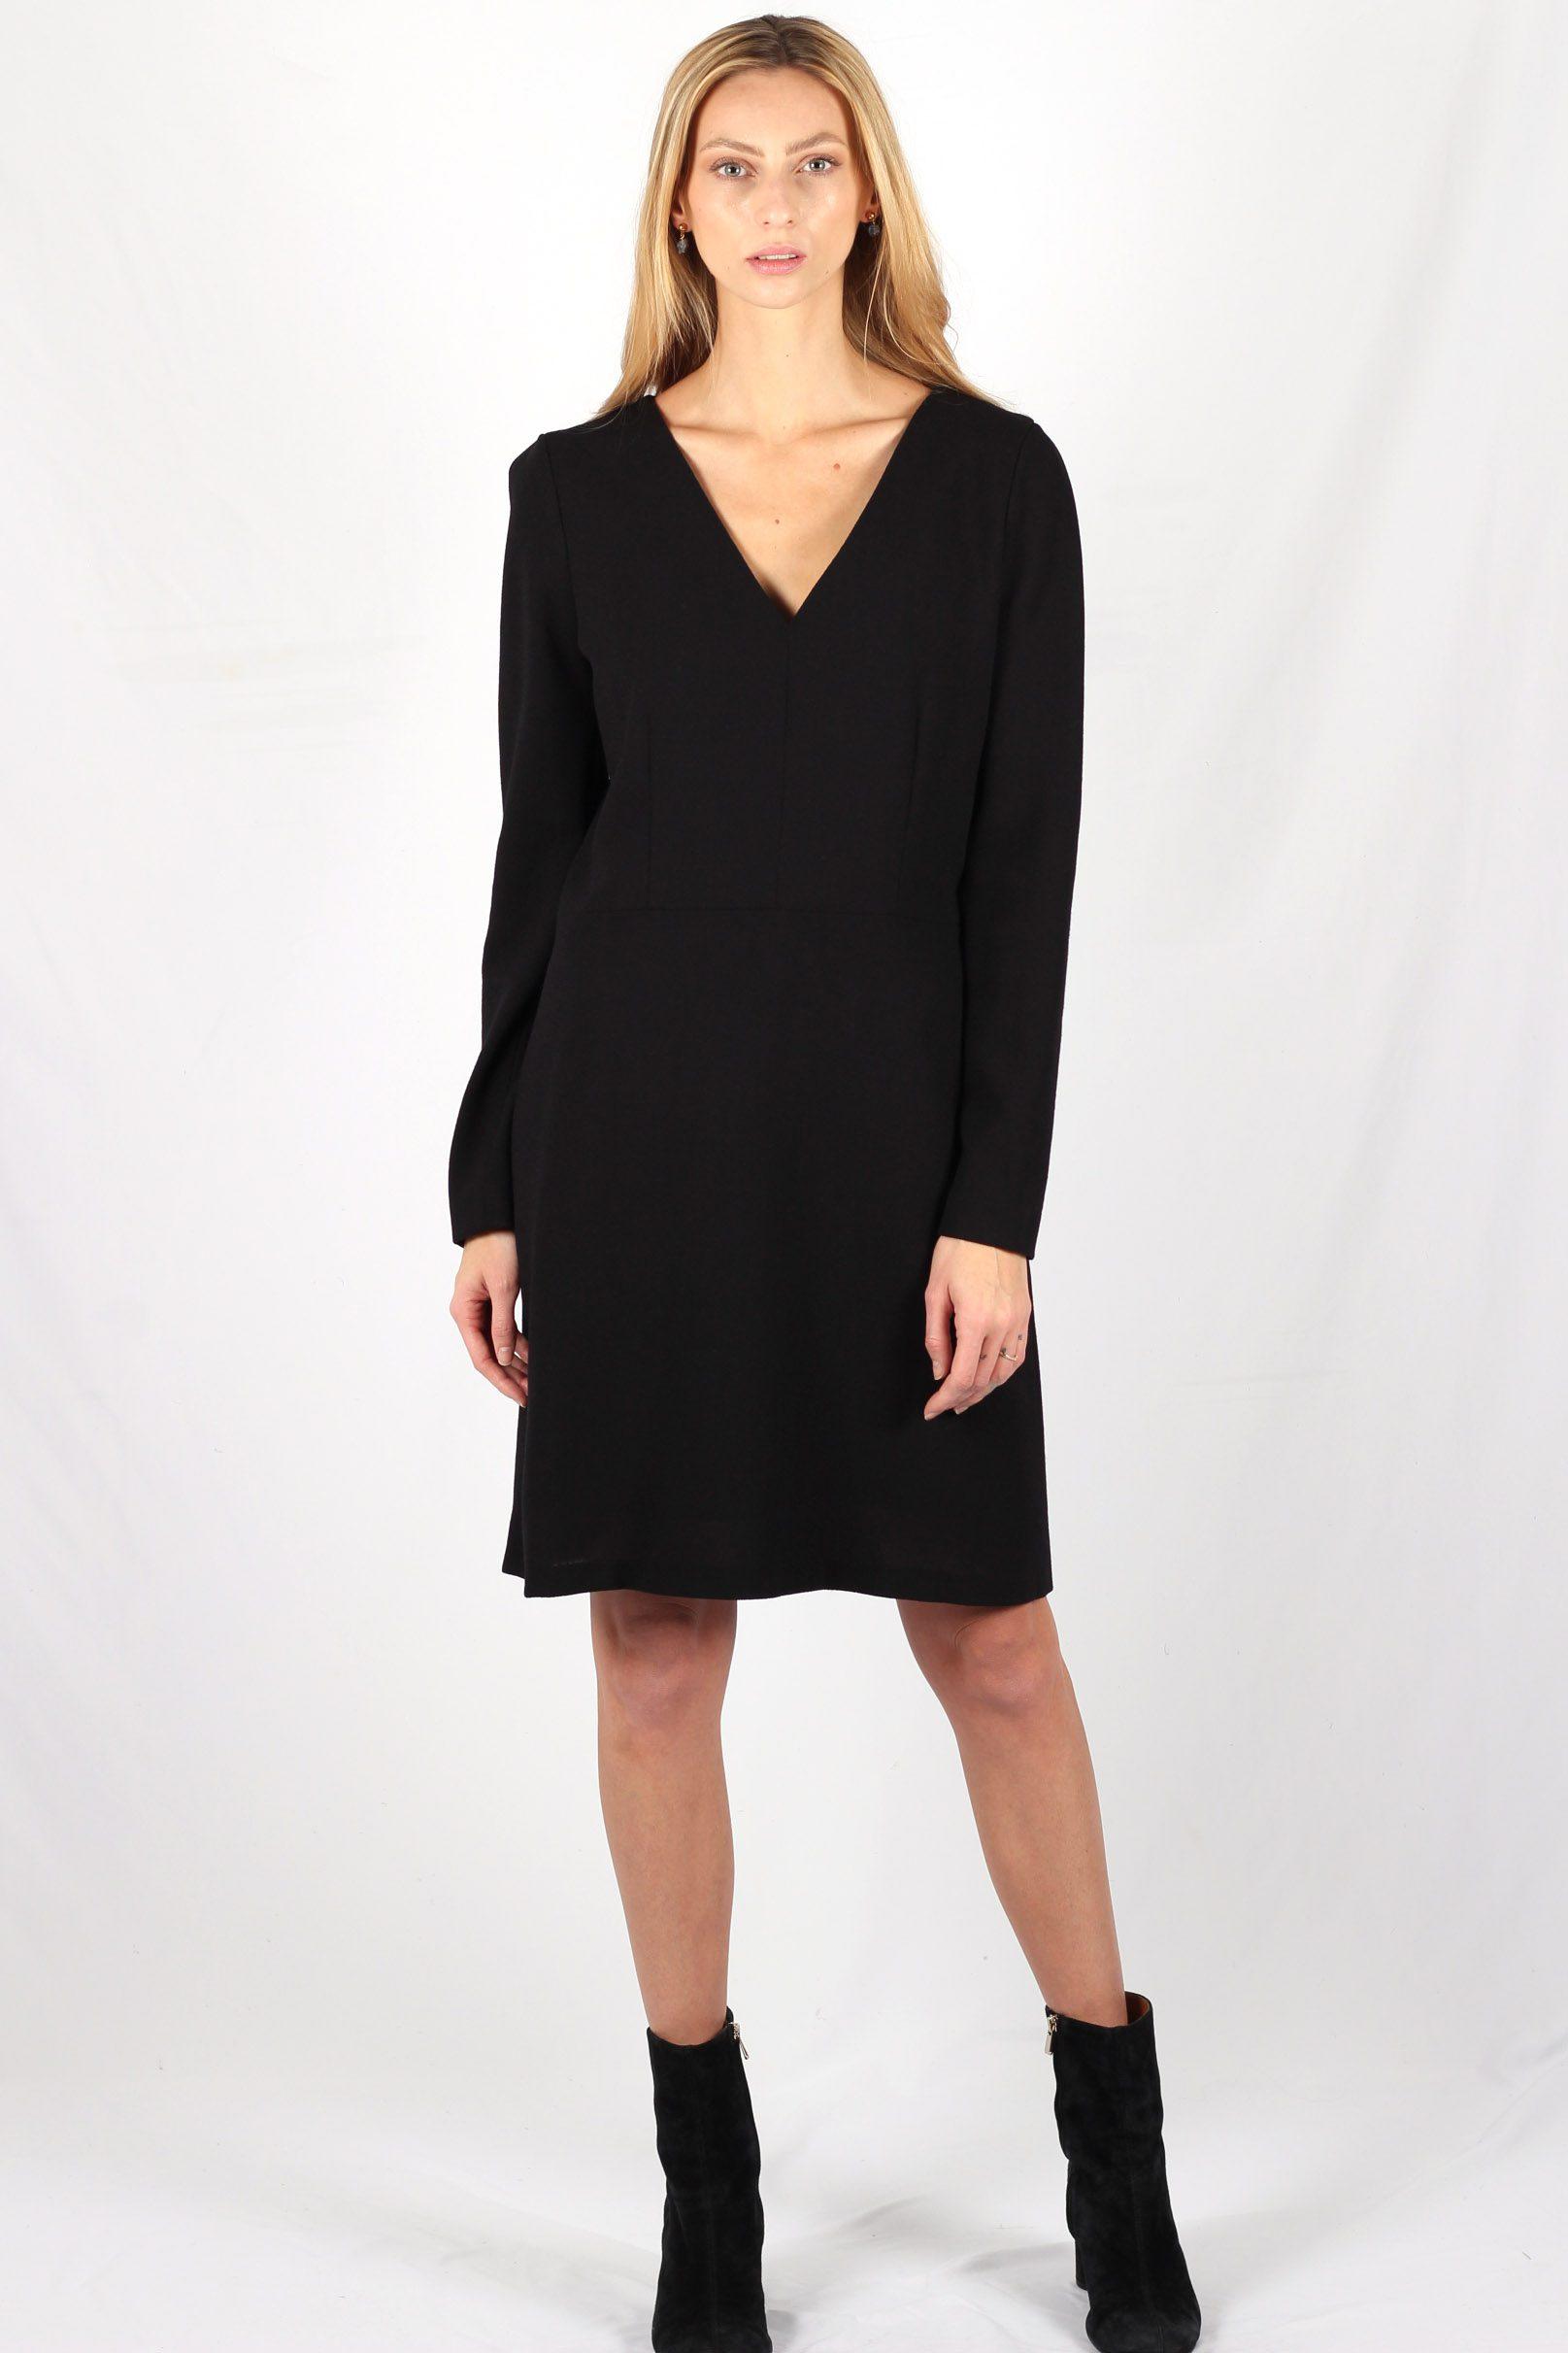 Robe noire cintrée en crêpe de laine8